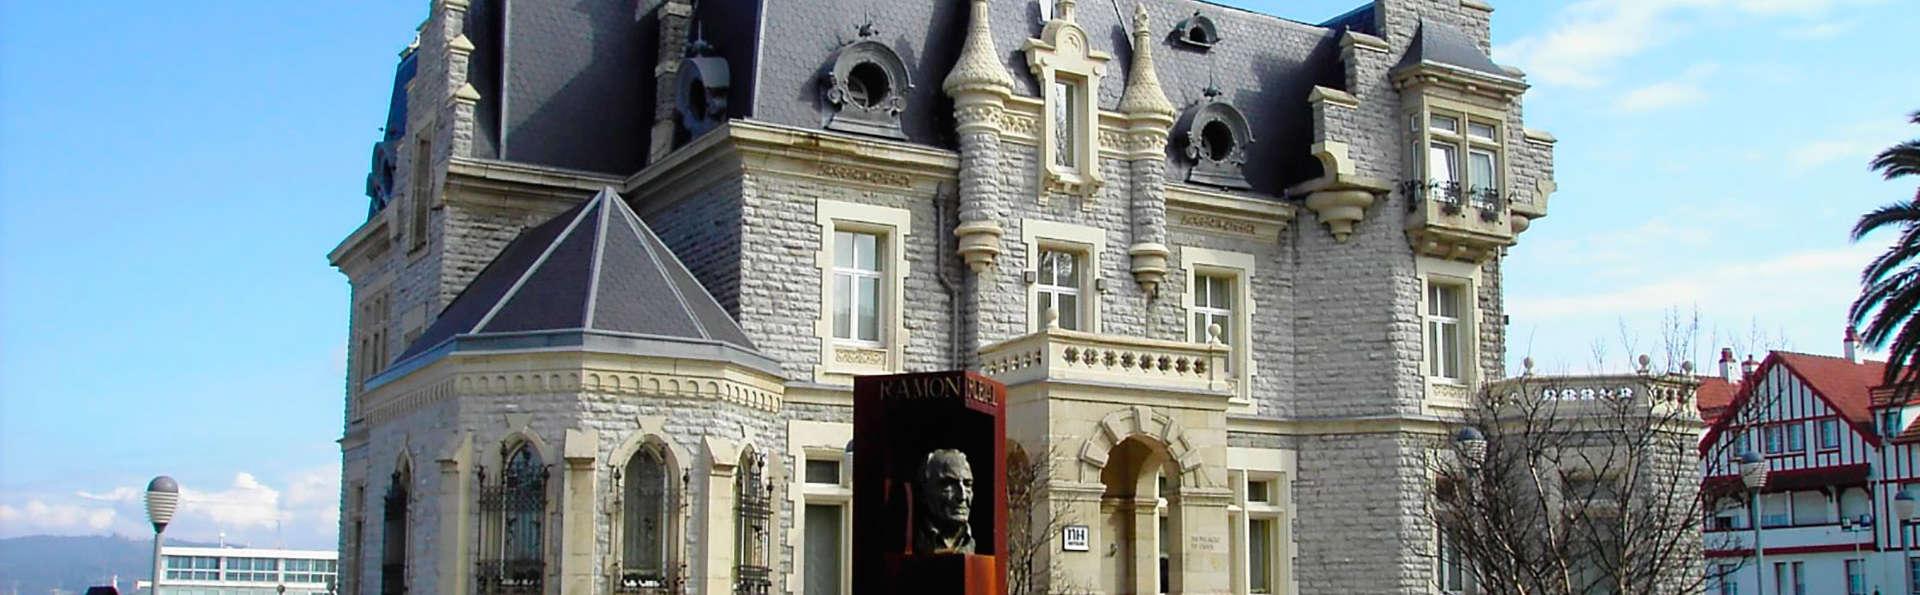 URH Palacio de Oriol - EDIT_front1.jpg